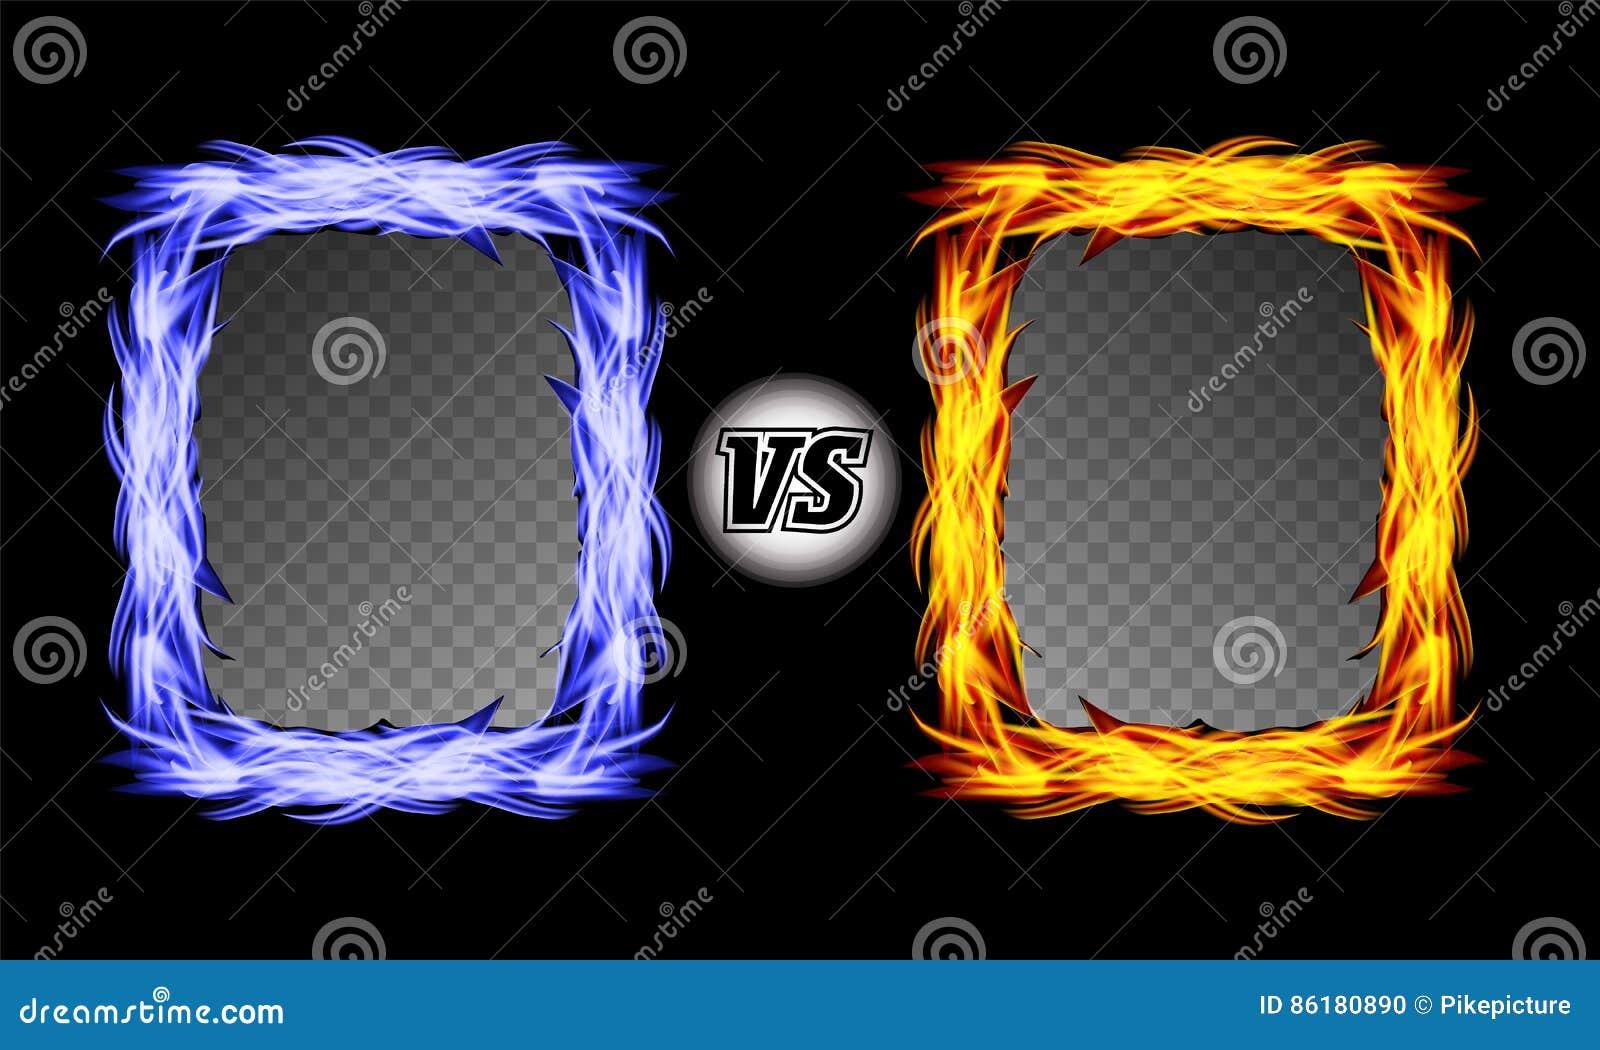 Εναντίον του διανυσματικού συμβόλου με τα πλαίσια πυρκαγιάς ΕΝΑΝΤΙΟΝ των επιστολών Σχέδιο υποβάθρου πάλης φλογών η έννοια ανταγων